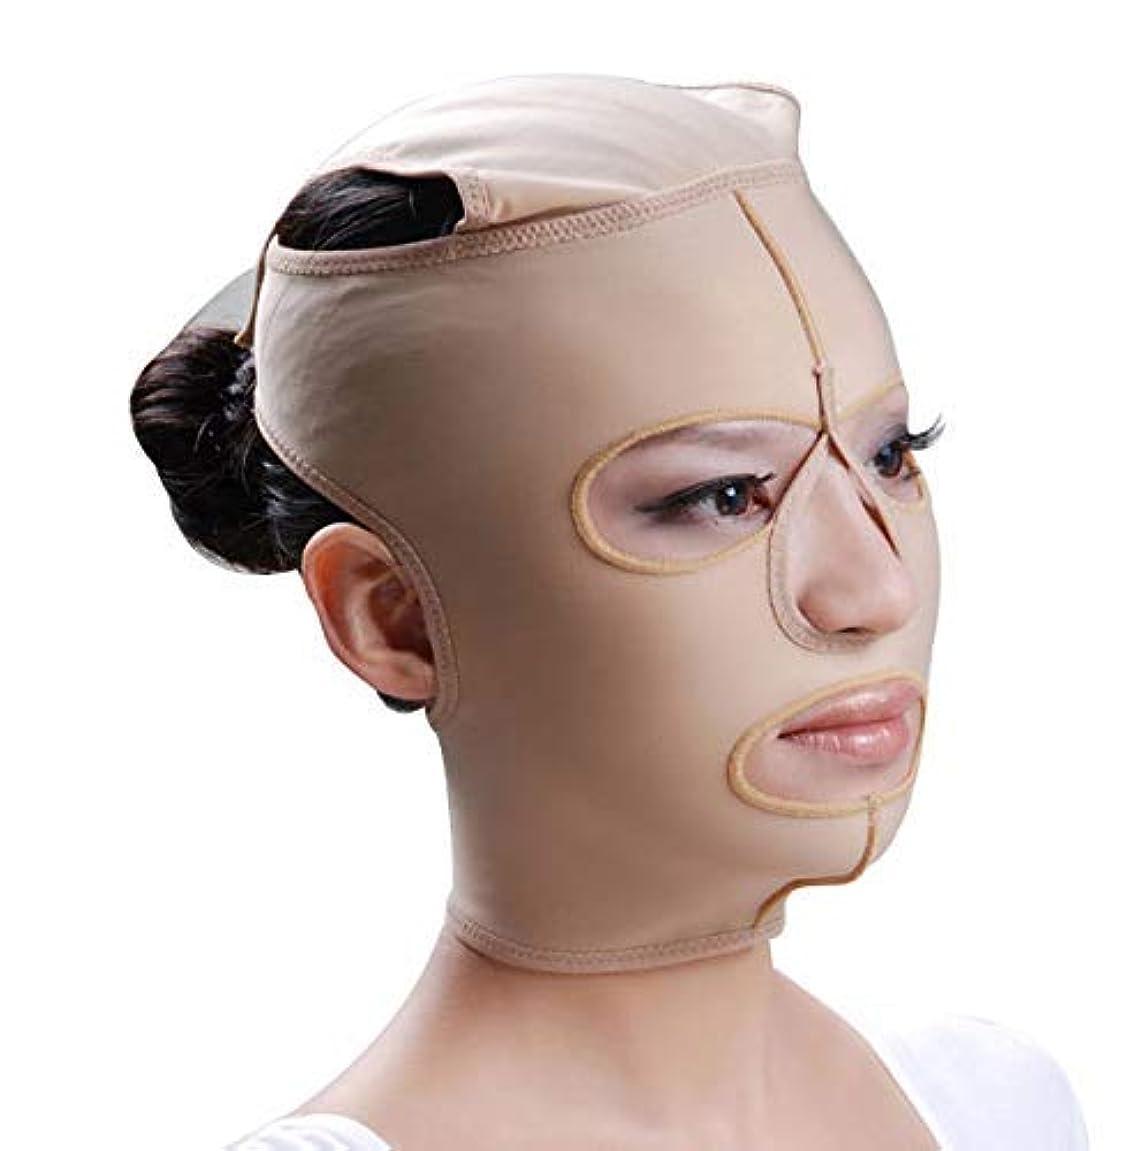 ズームインする真面目な選択するファーミングフェイスマスク、フェイシャルマスクエラスティックフェイスリフティングリフティングファーミングパターンマイクロフィニッシングポストモデリングコンプレッションフェイスマスク(サイズ:S),M